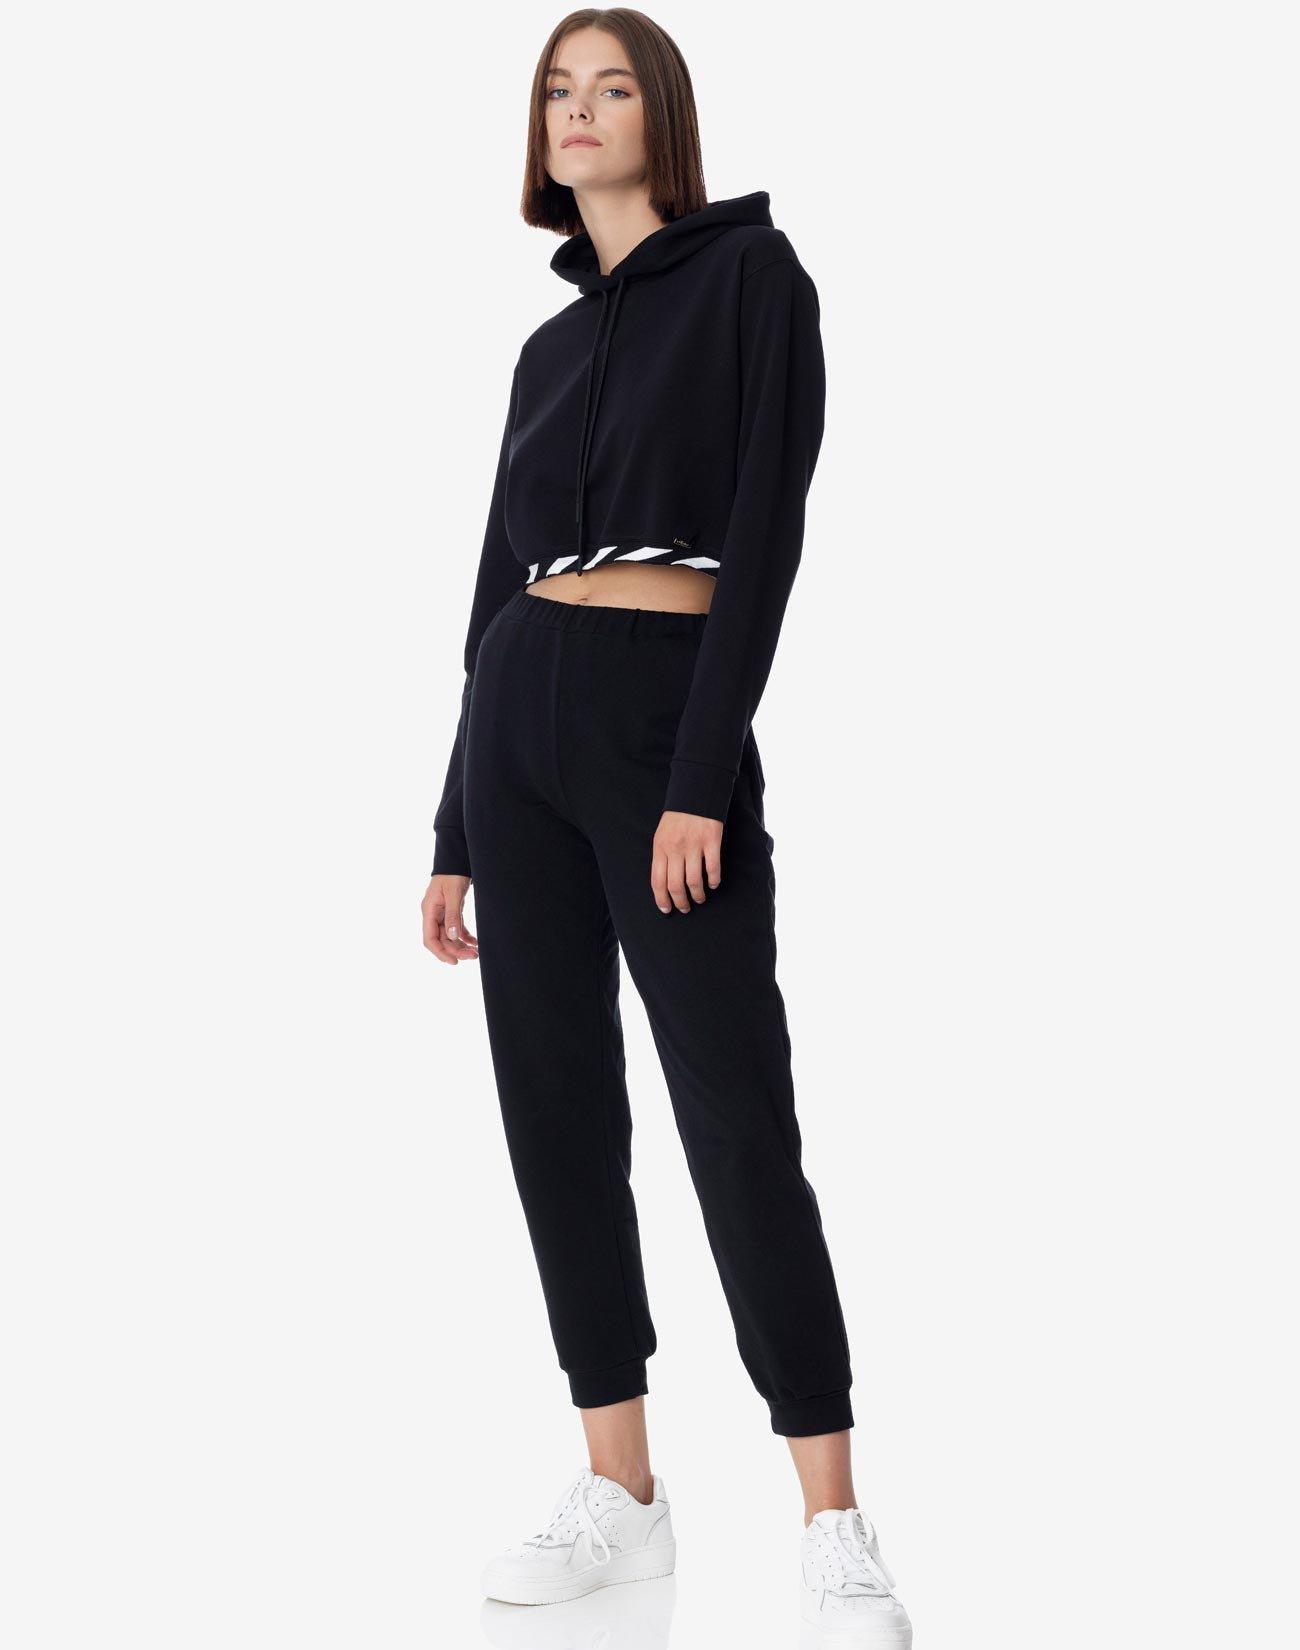 Croped sweatshirt with hood